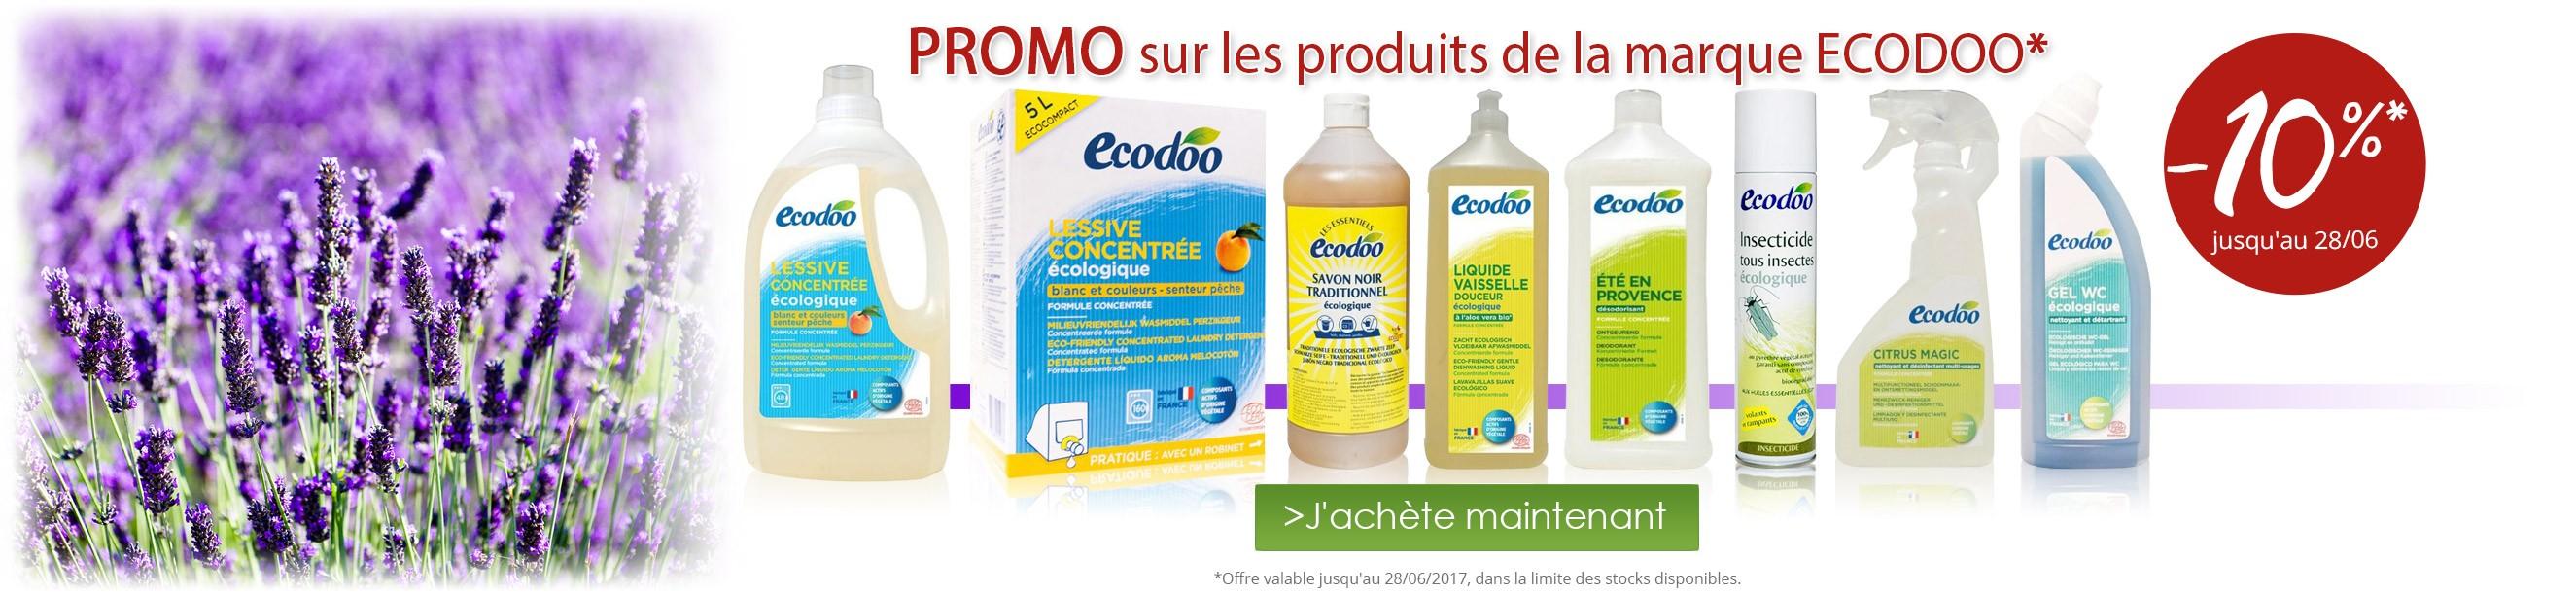 -10% sur la marque Ecodoo